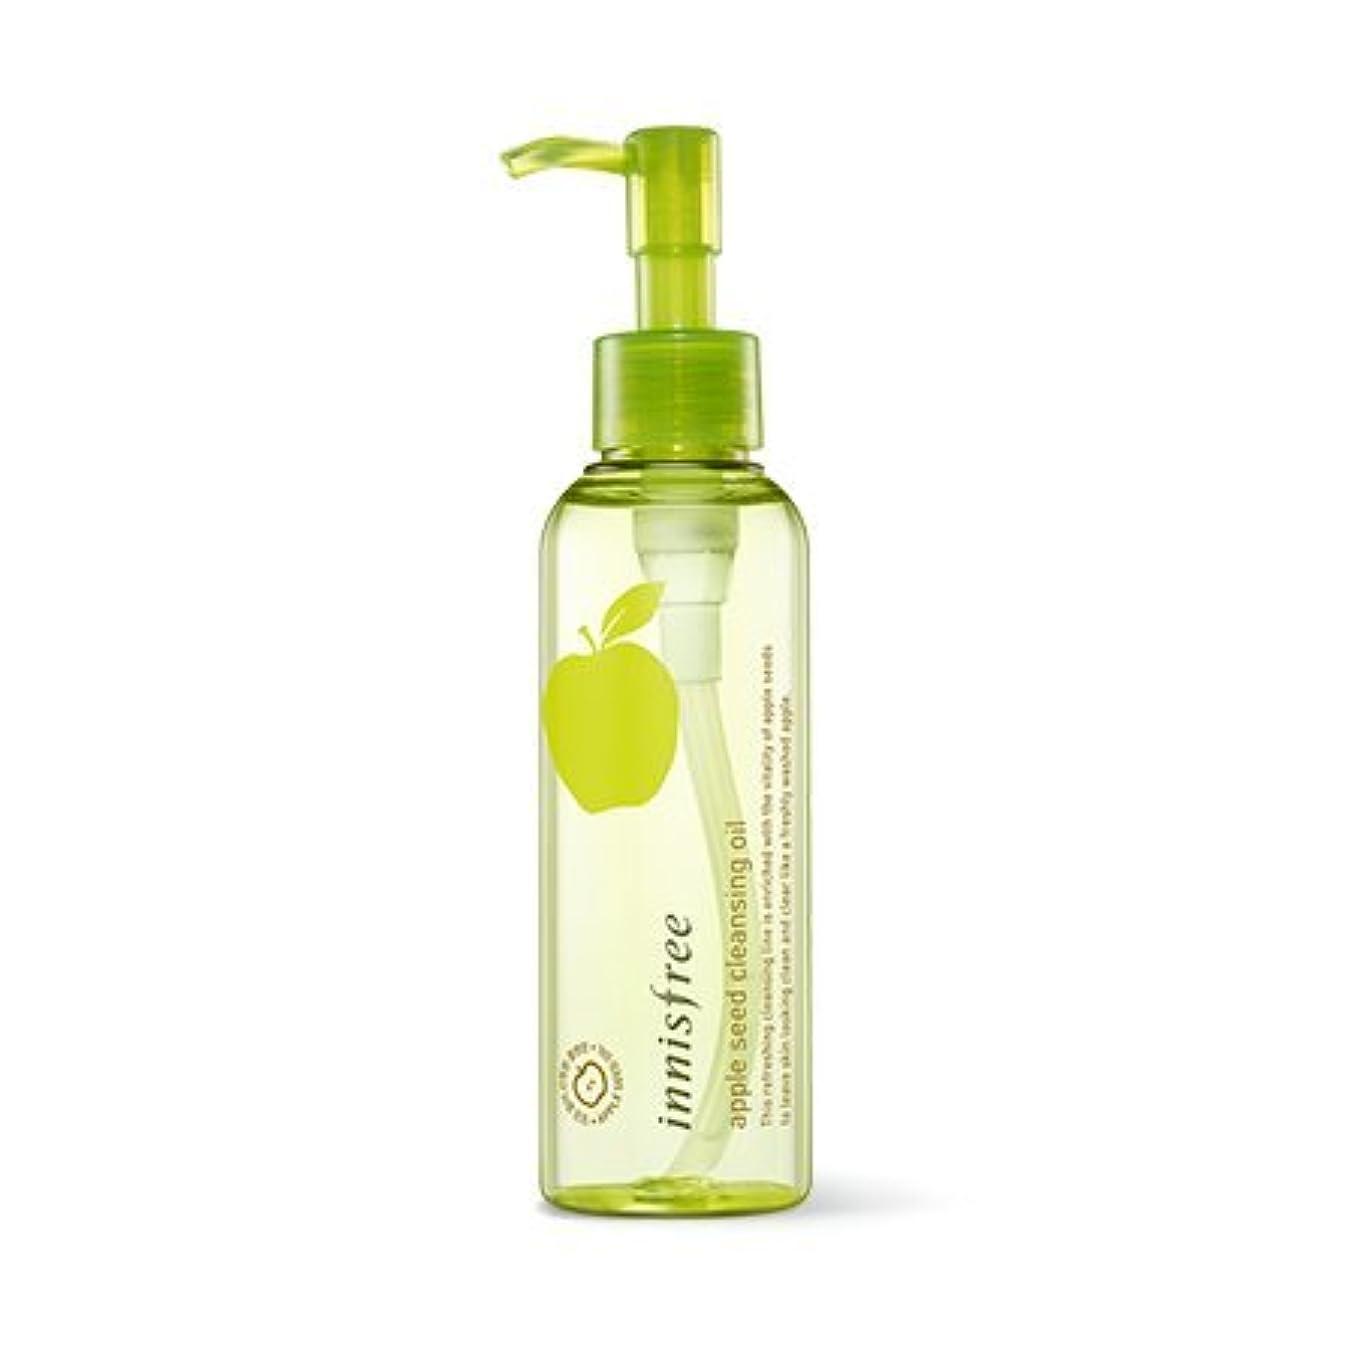 入学する高度な洗剤[New] innisfree Apple Seed Cleansing Oil 150ml/イニスフリー アップル シード クレンジング オイル 150ml